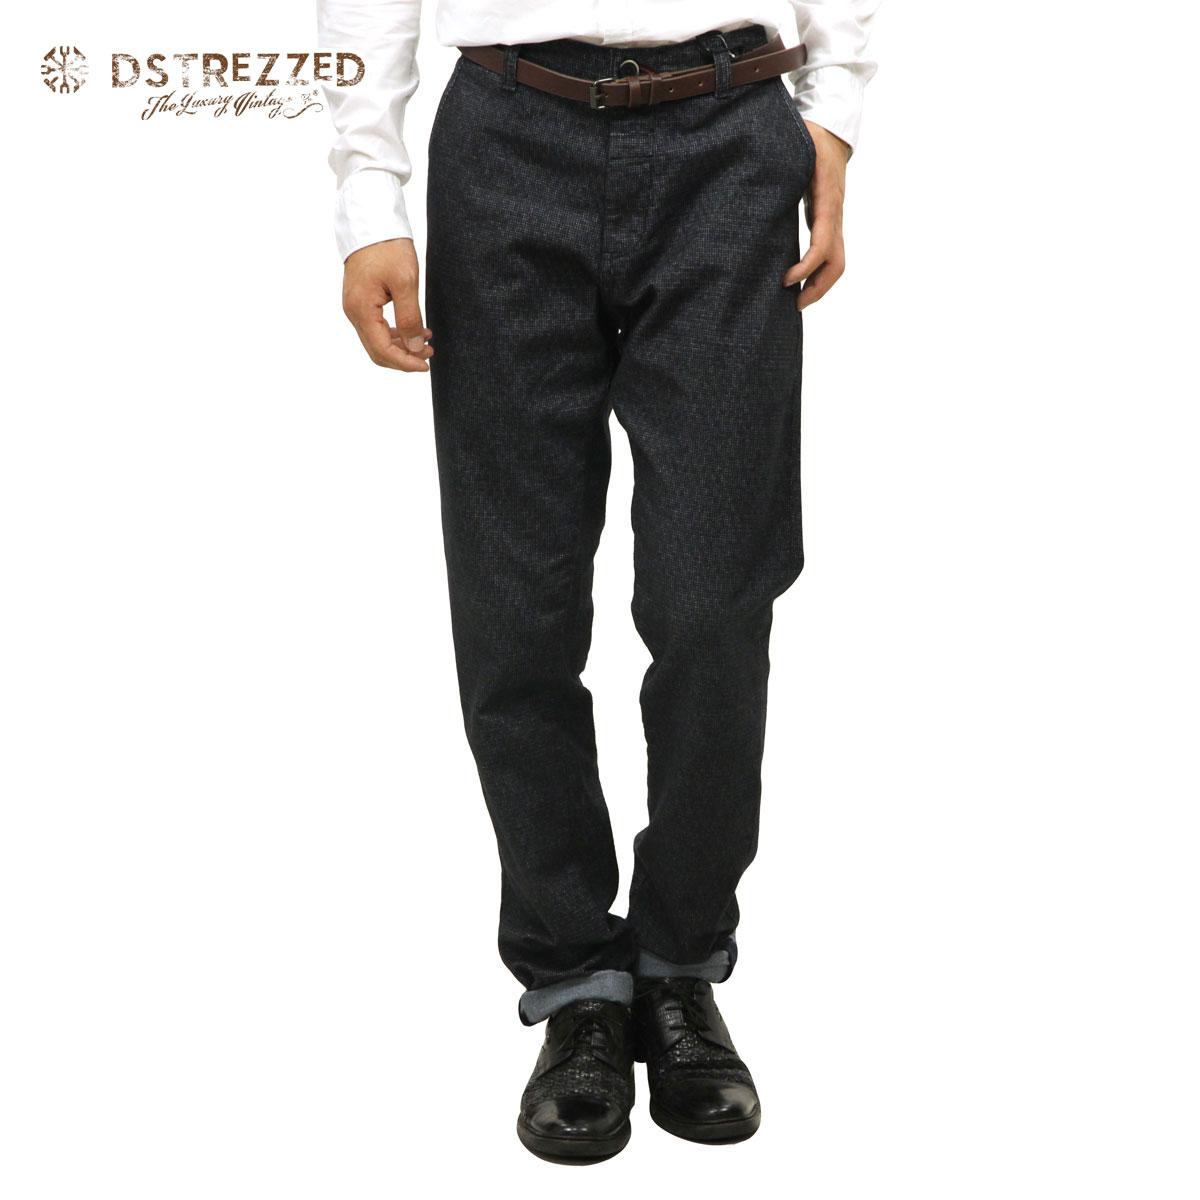 ディストレス DSTREZZED 正規販売店 メンズ チノパン Chino belt Flannel check 501154 49 D00S20